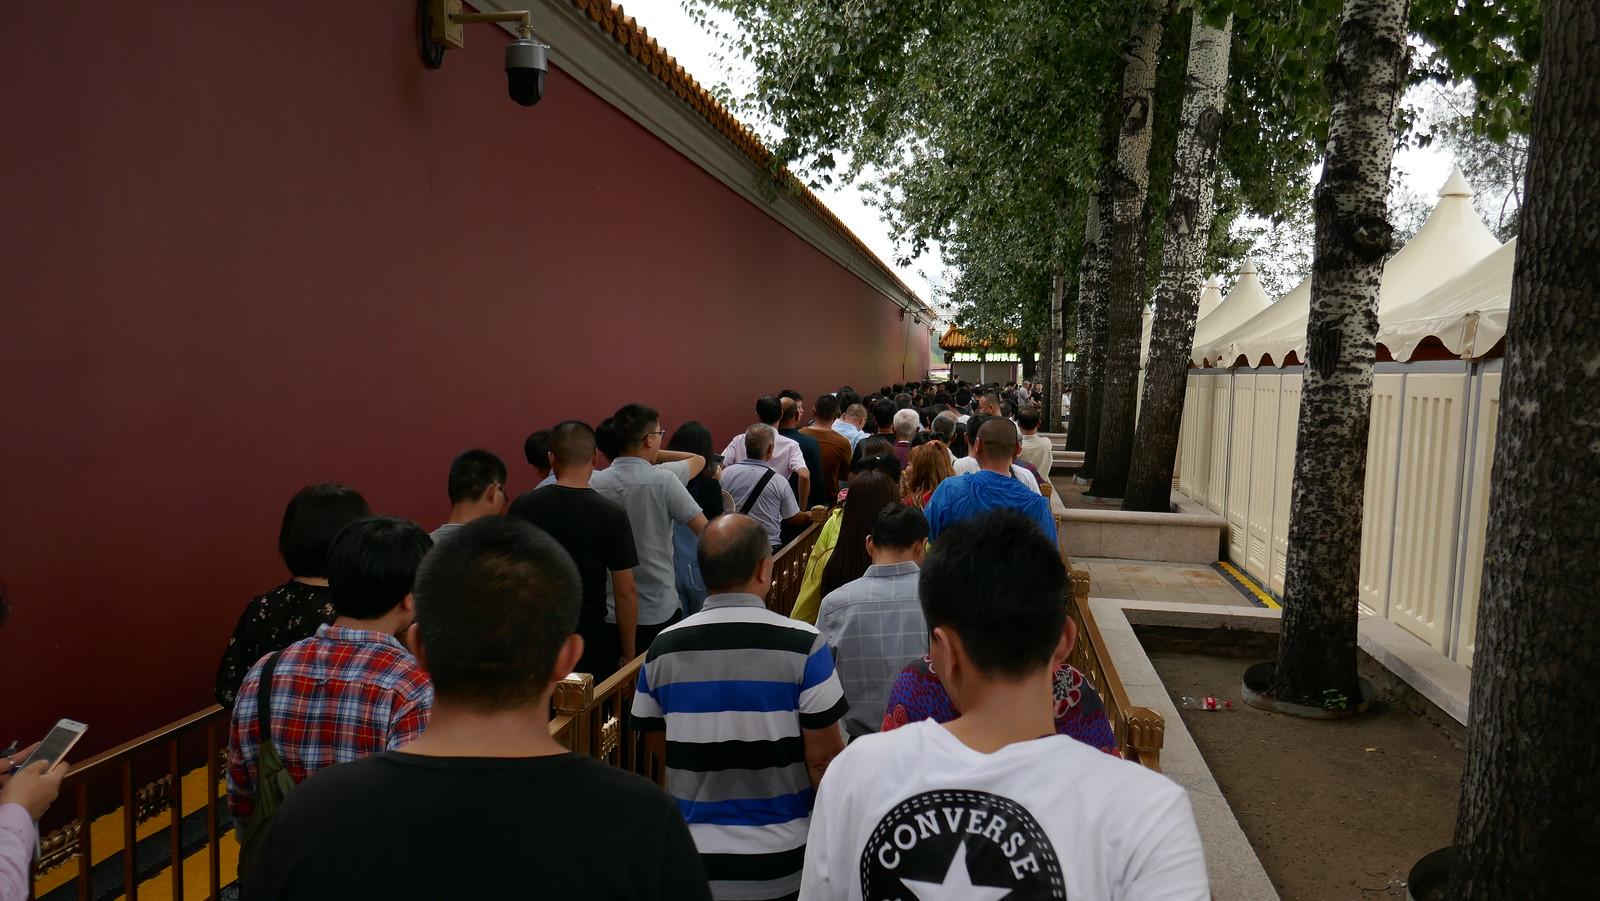 Control de seguridad para acceder a Tiananmen